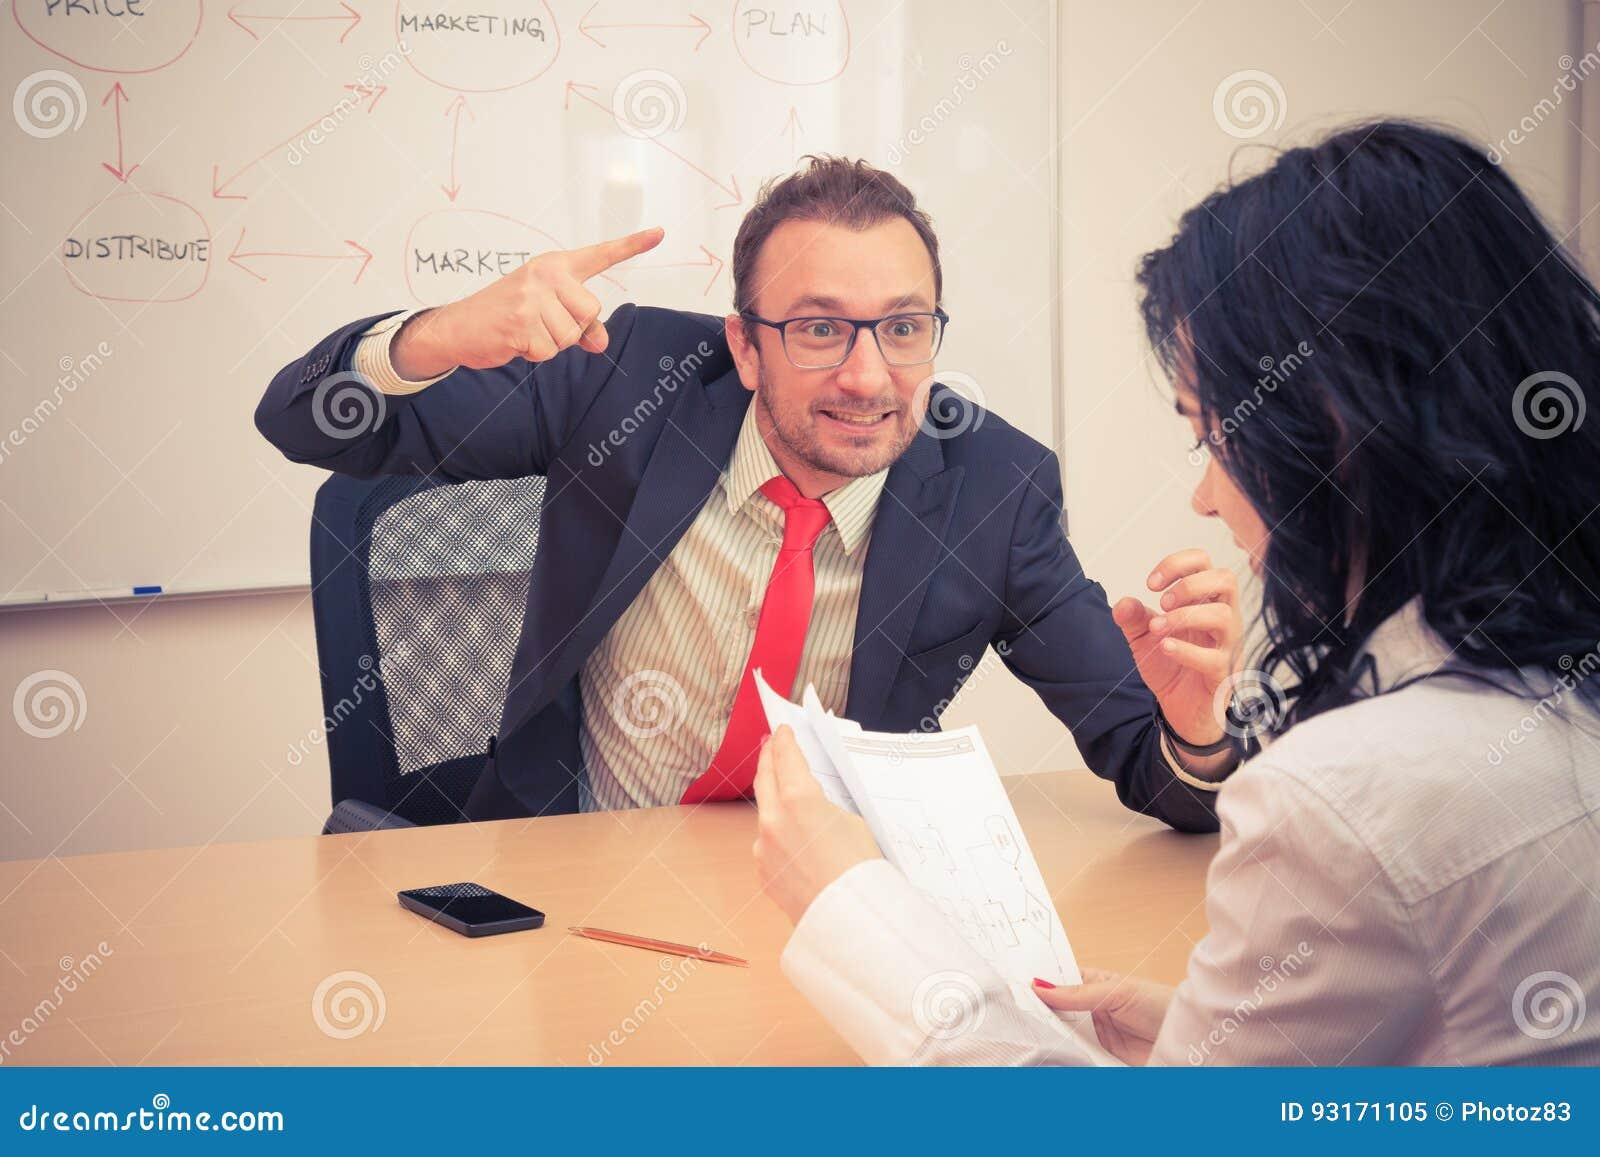 El hombre de negocios amenaza al compañero de trabajo femenino